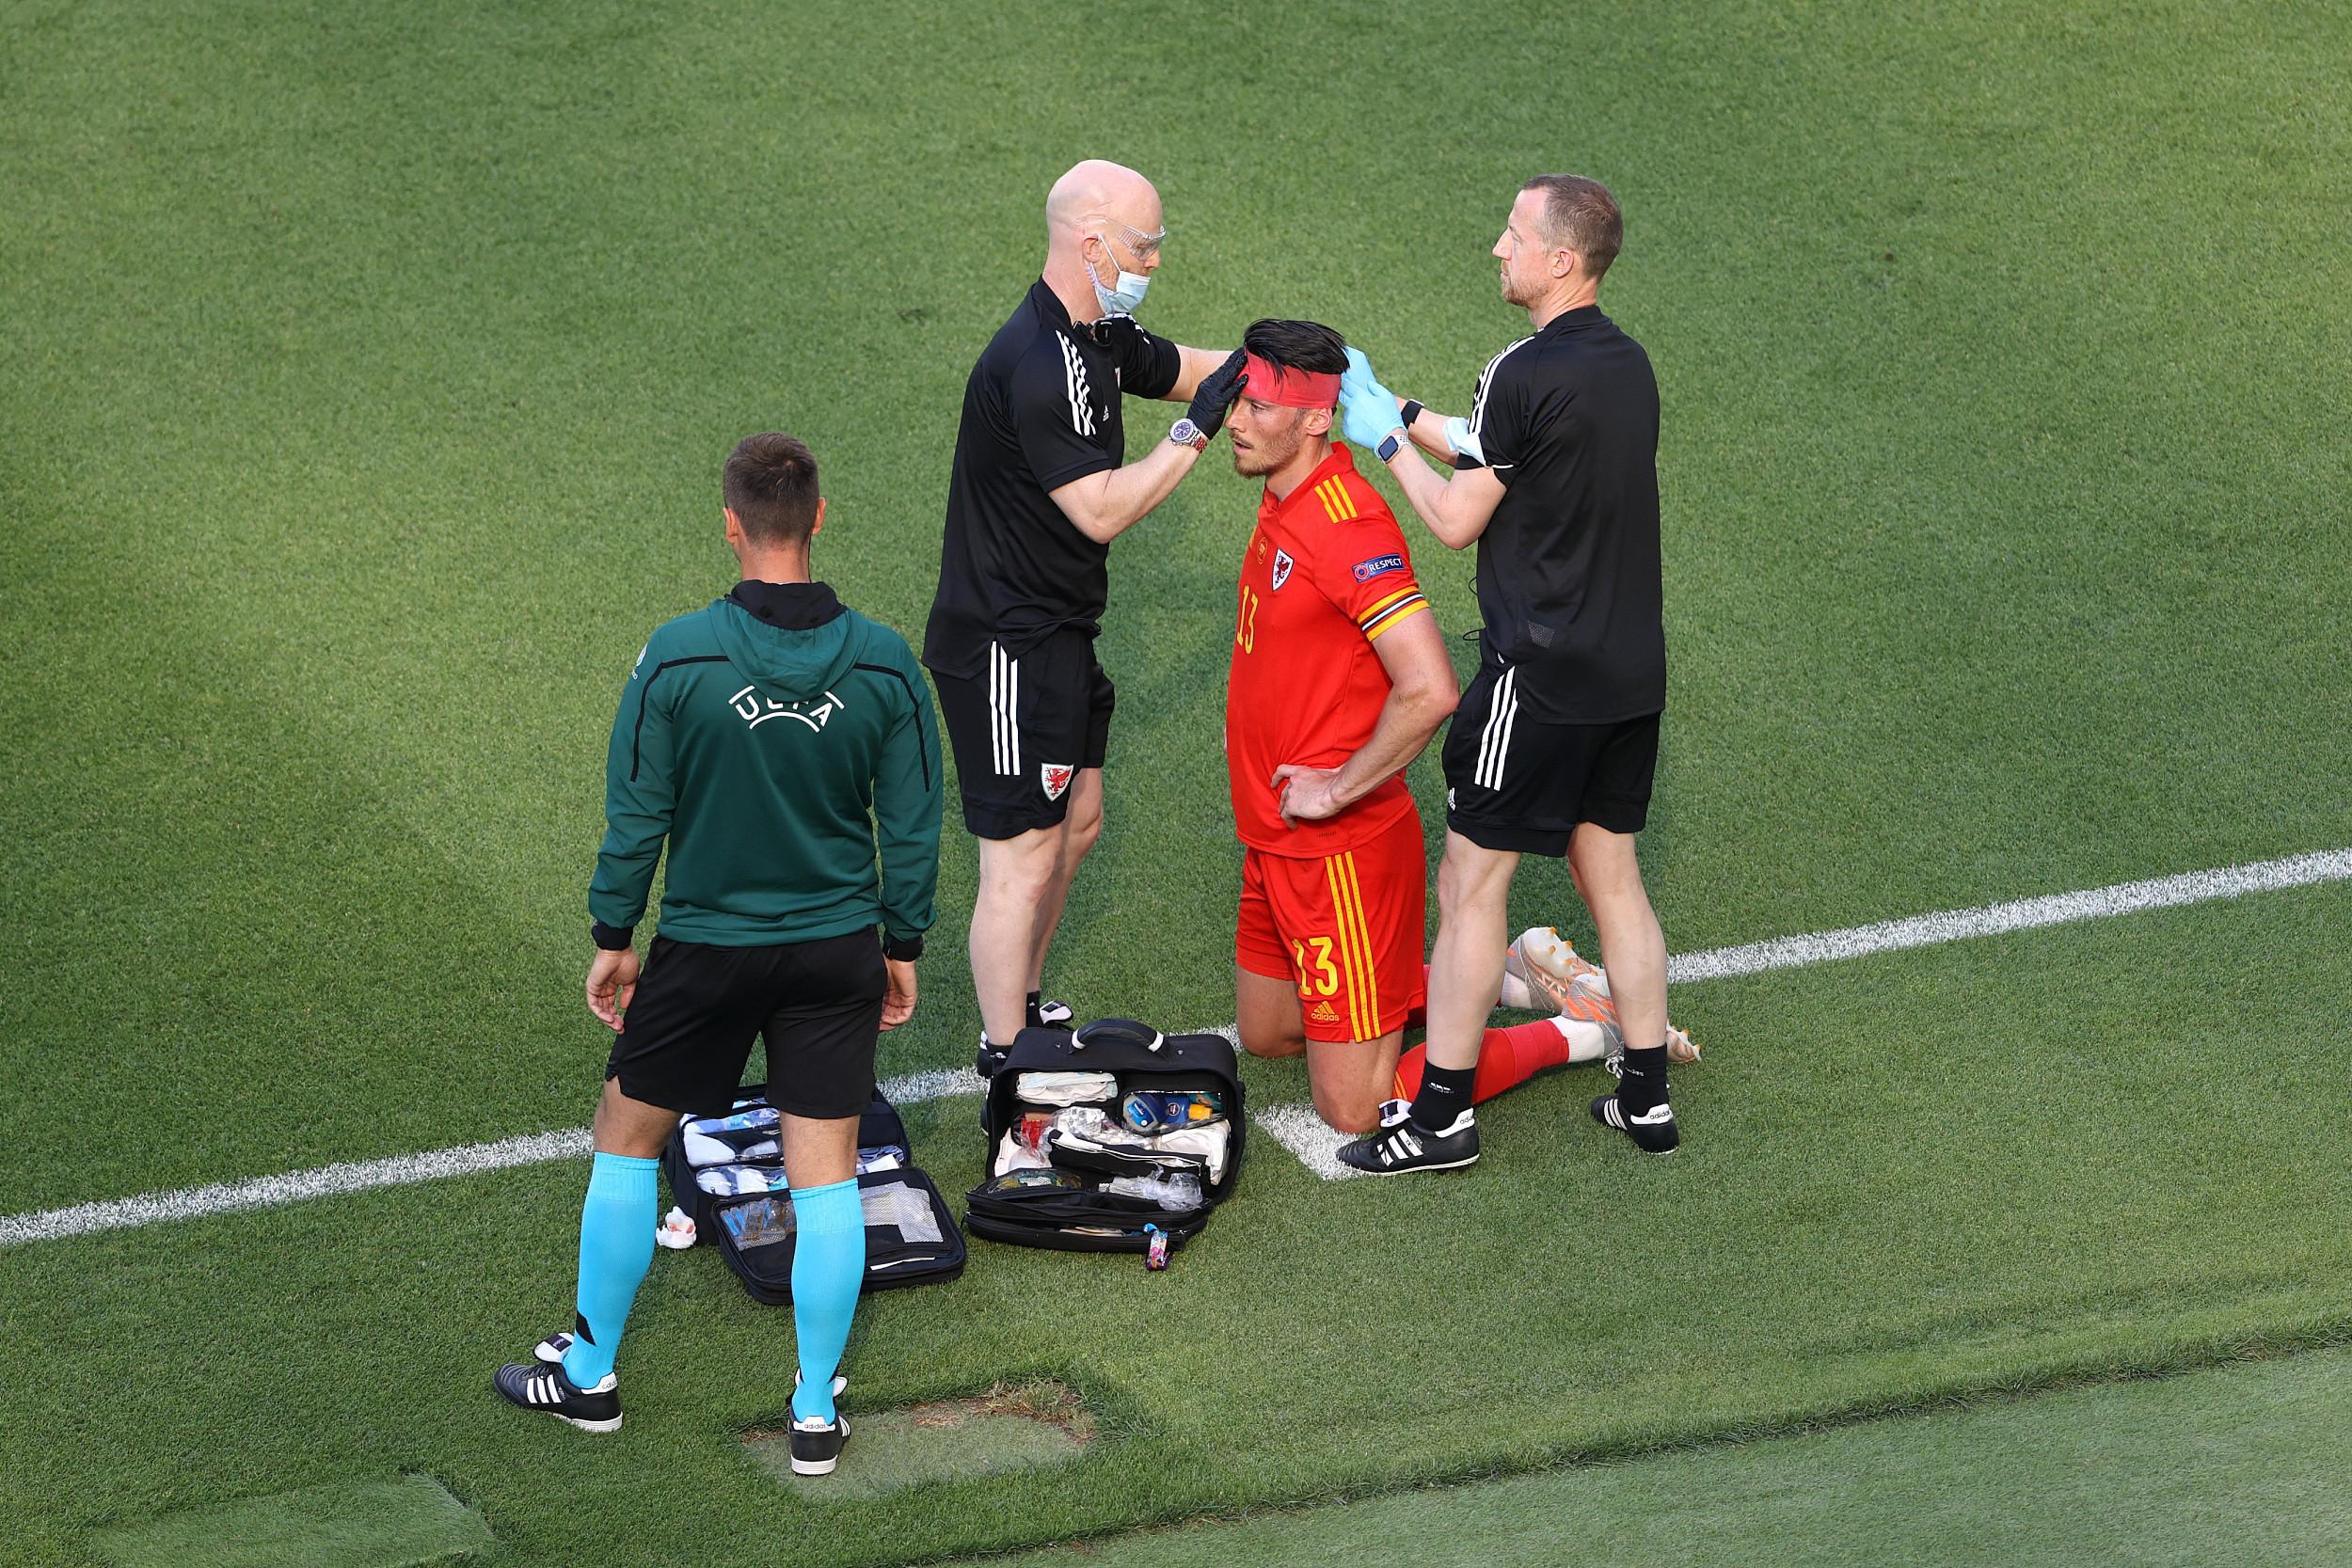 威爾士1-1瑞士: 進球的穆爾擁有中國血統, 貝爾全場迷失-圖5